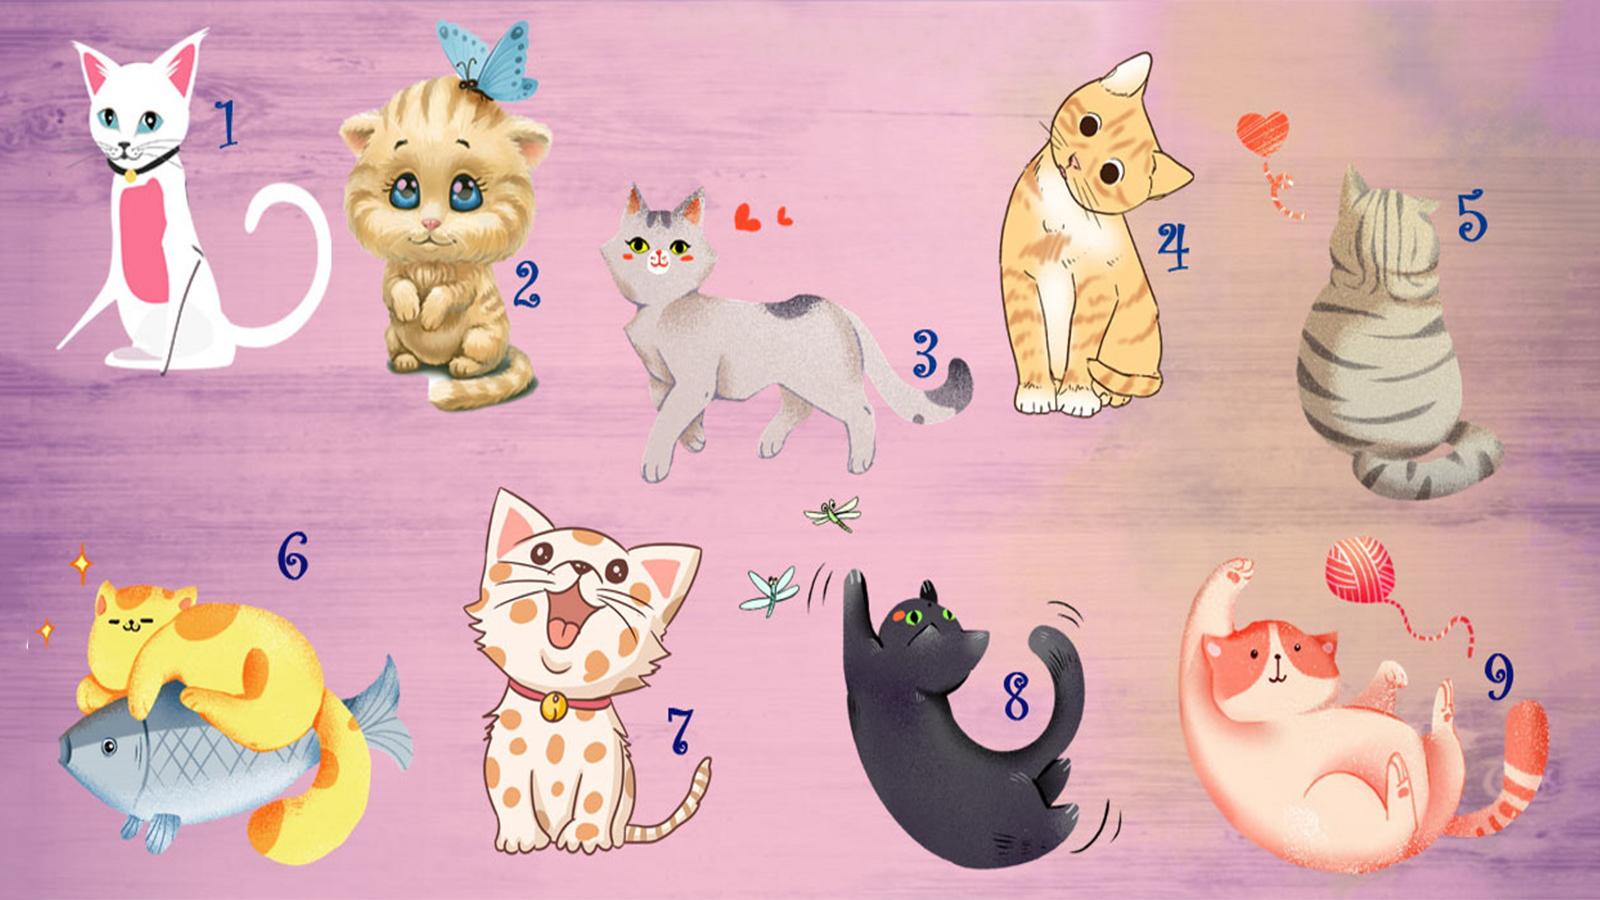 Trắc nghiệm: Chú mèo yêu thích nói gì về kỹ năng giao tiếp của bạn?